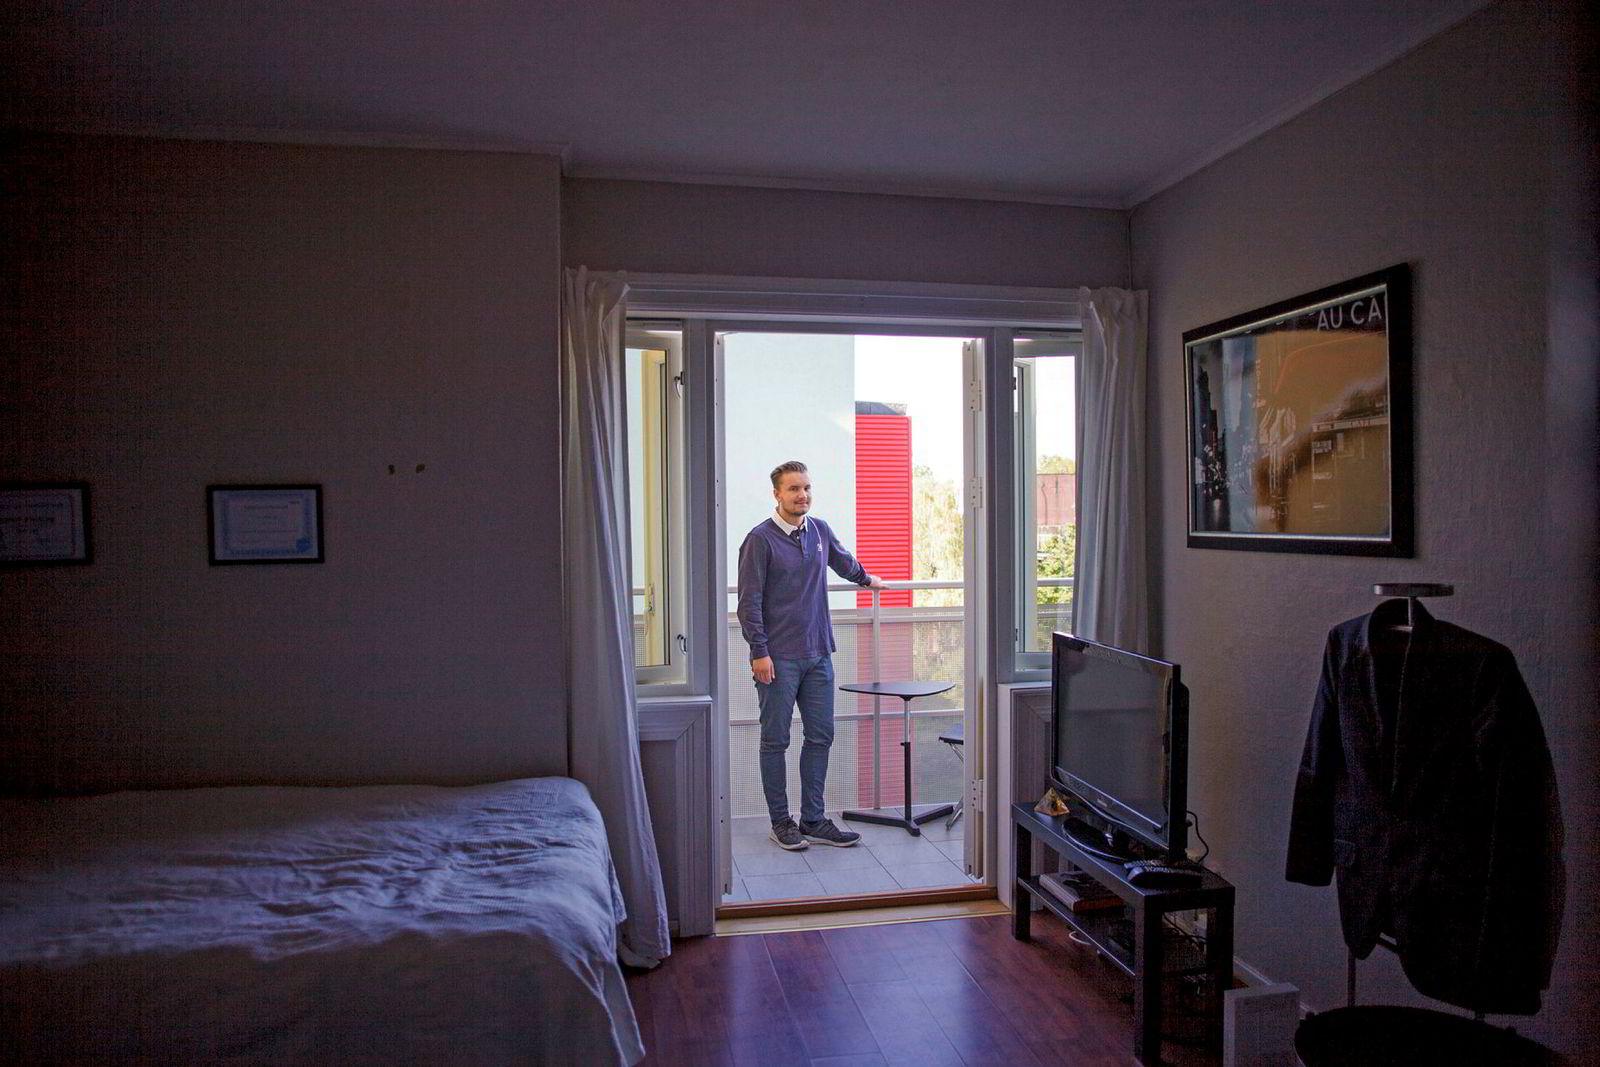 Andreas Klønings 28 kvadratmeter store krypinn skal pusses opp etter hvert. Han satser på å gjøre små endringer som gir leiligheten et kosmetisk løft, uten at han må ut med de helt store summene.